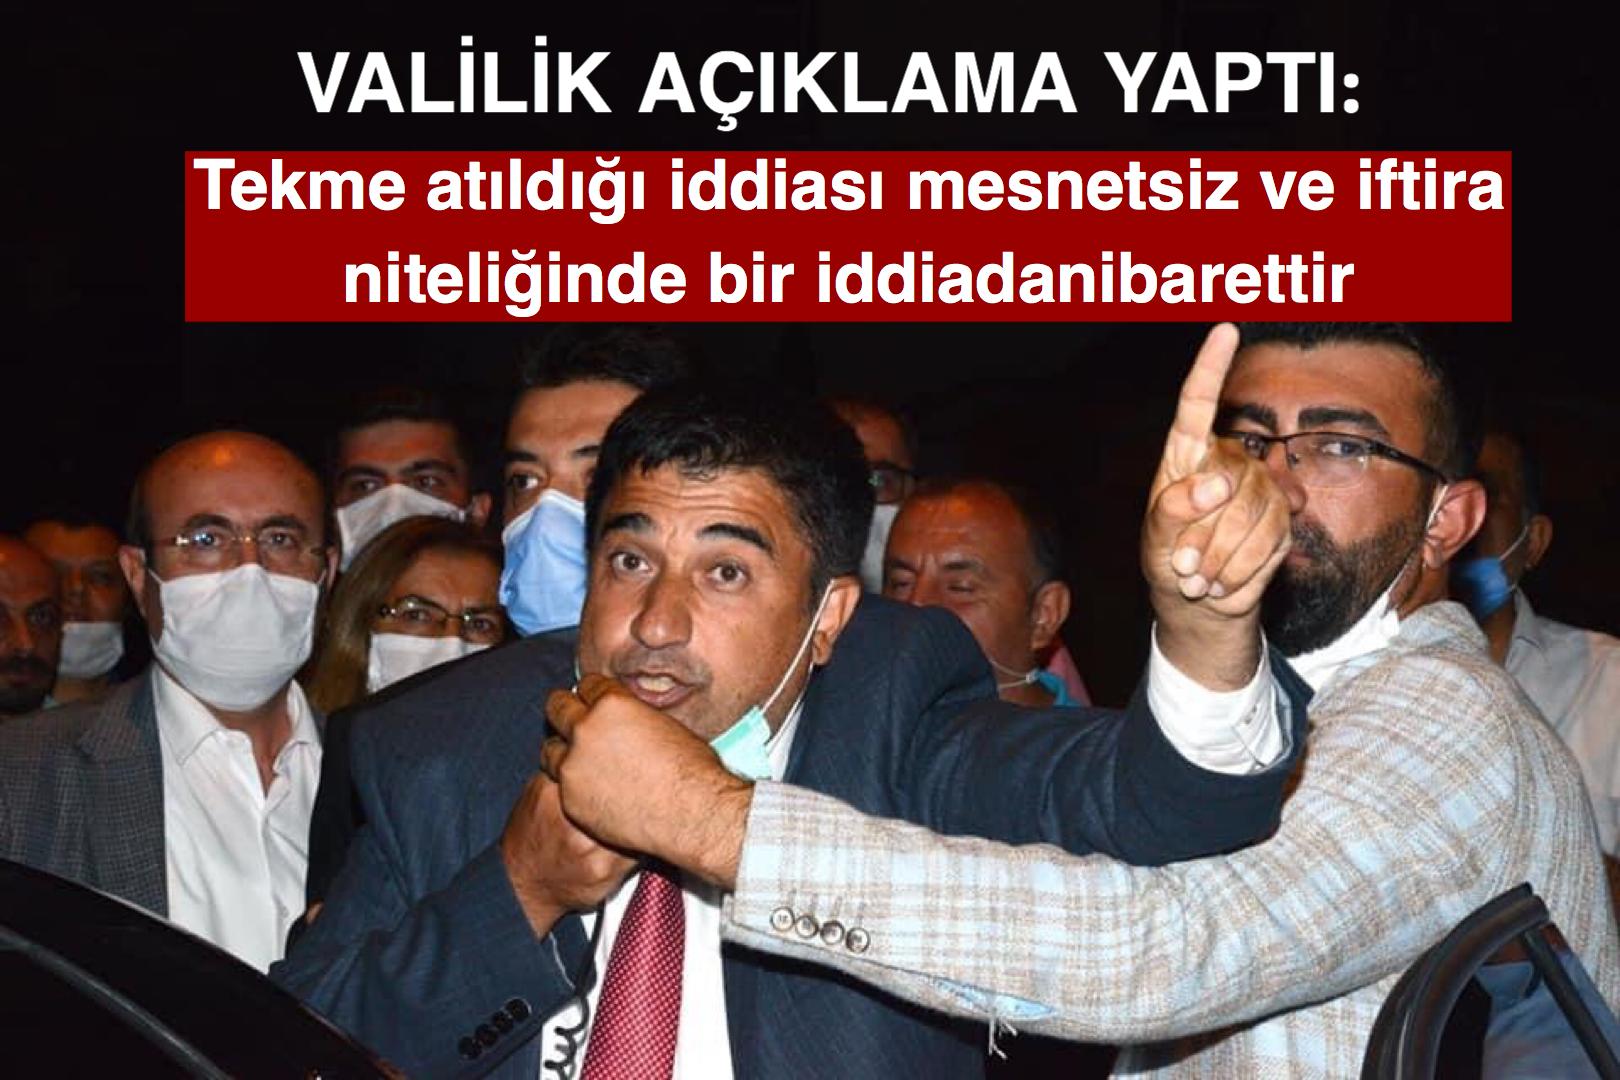 Kırşehir Valiliği: Tekme atıldığı iddiası mesnetsiz ve iftira niteliğinde bir iddiadan ibarettir